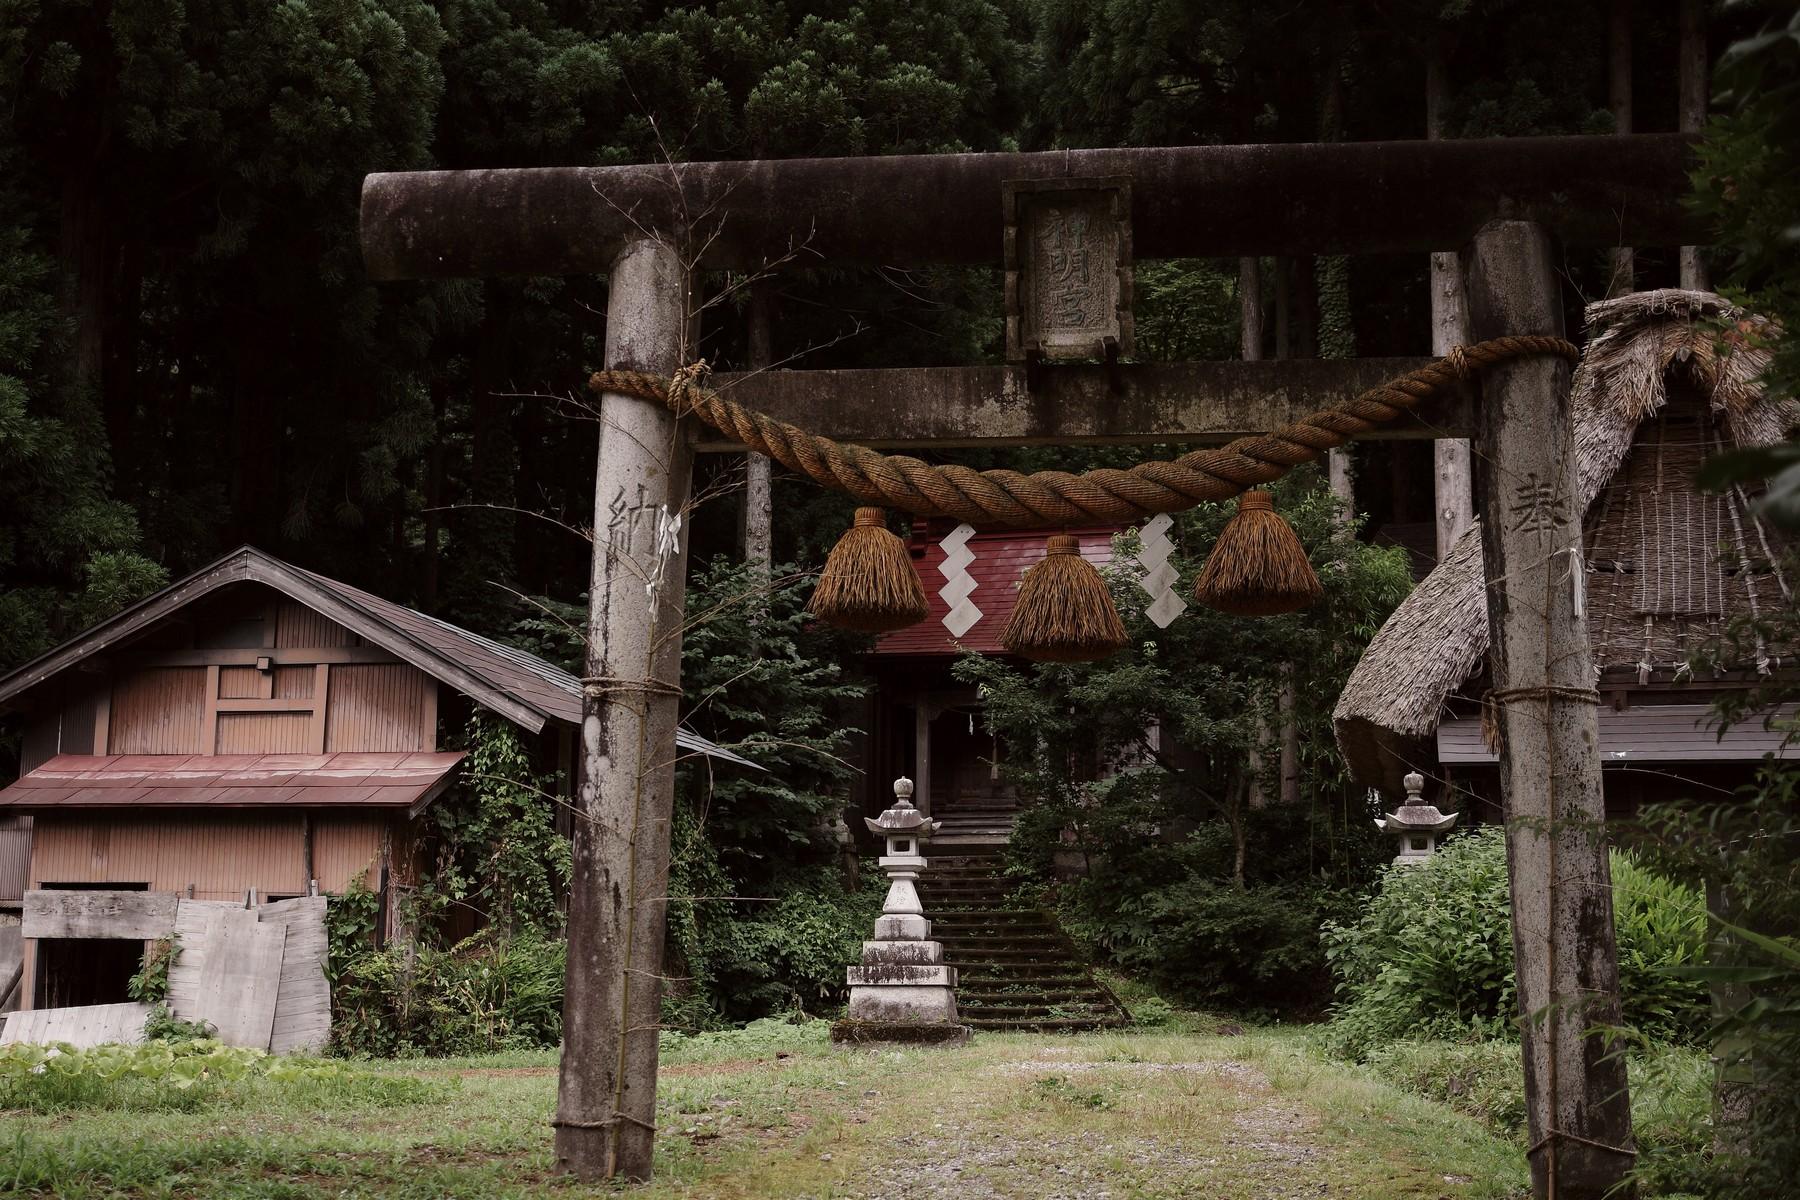 菅沼集落にある神明宮の鳥居の作例写真